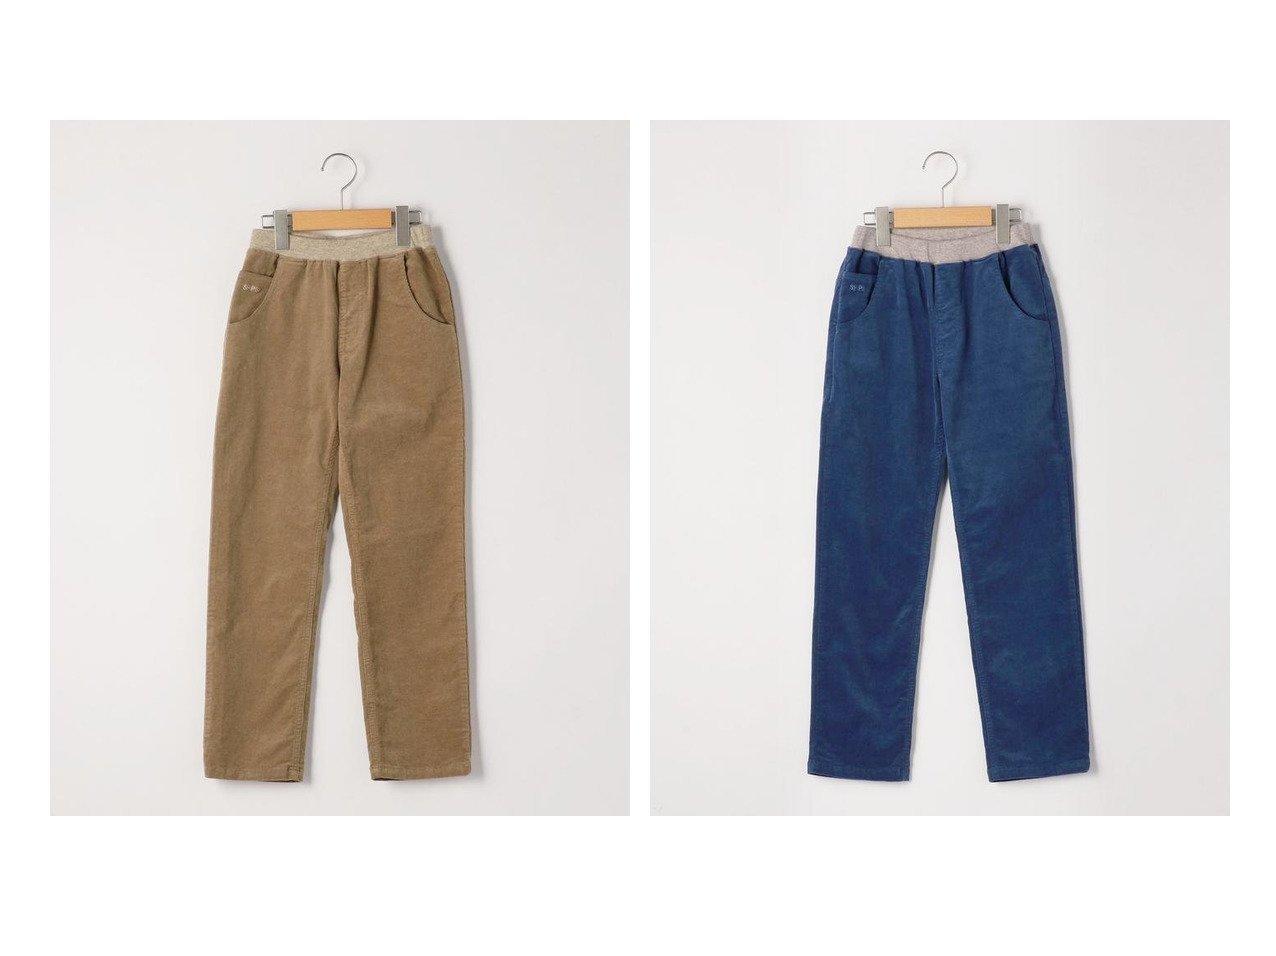 【SHIPS / KIDS/シップス】のSHIPS KIDS ストレッチ コーデュロイ パンツ(145~160cm) 【KIDS】子供服のおすすめ!人気トレンド・キッズファッションの通販 おすすめで人気の流行・トレンド、ファッションの通販商品 メンズファッション・キッズファッション・インテリア・家具・レディースファッション・服の通販 founy(ファニー) https://founy.com/ ファッション Fashion キッズファッション KIDS ボトムス Bottoms Kids A/W 秋冬 AW Autumn/Winter / FW Fall-Winter コイン コーデュロイ ストレッチ バランス ポケット 定番 Standard |ID:crp329100000019689